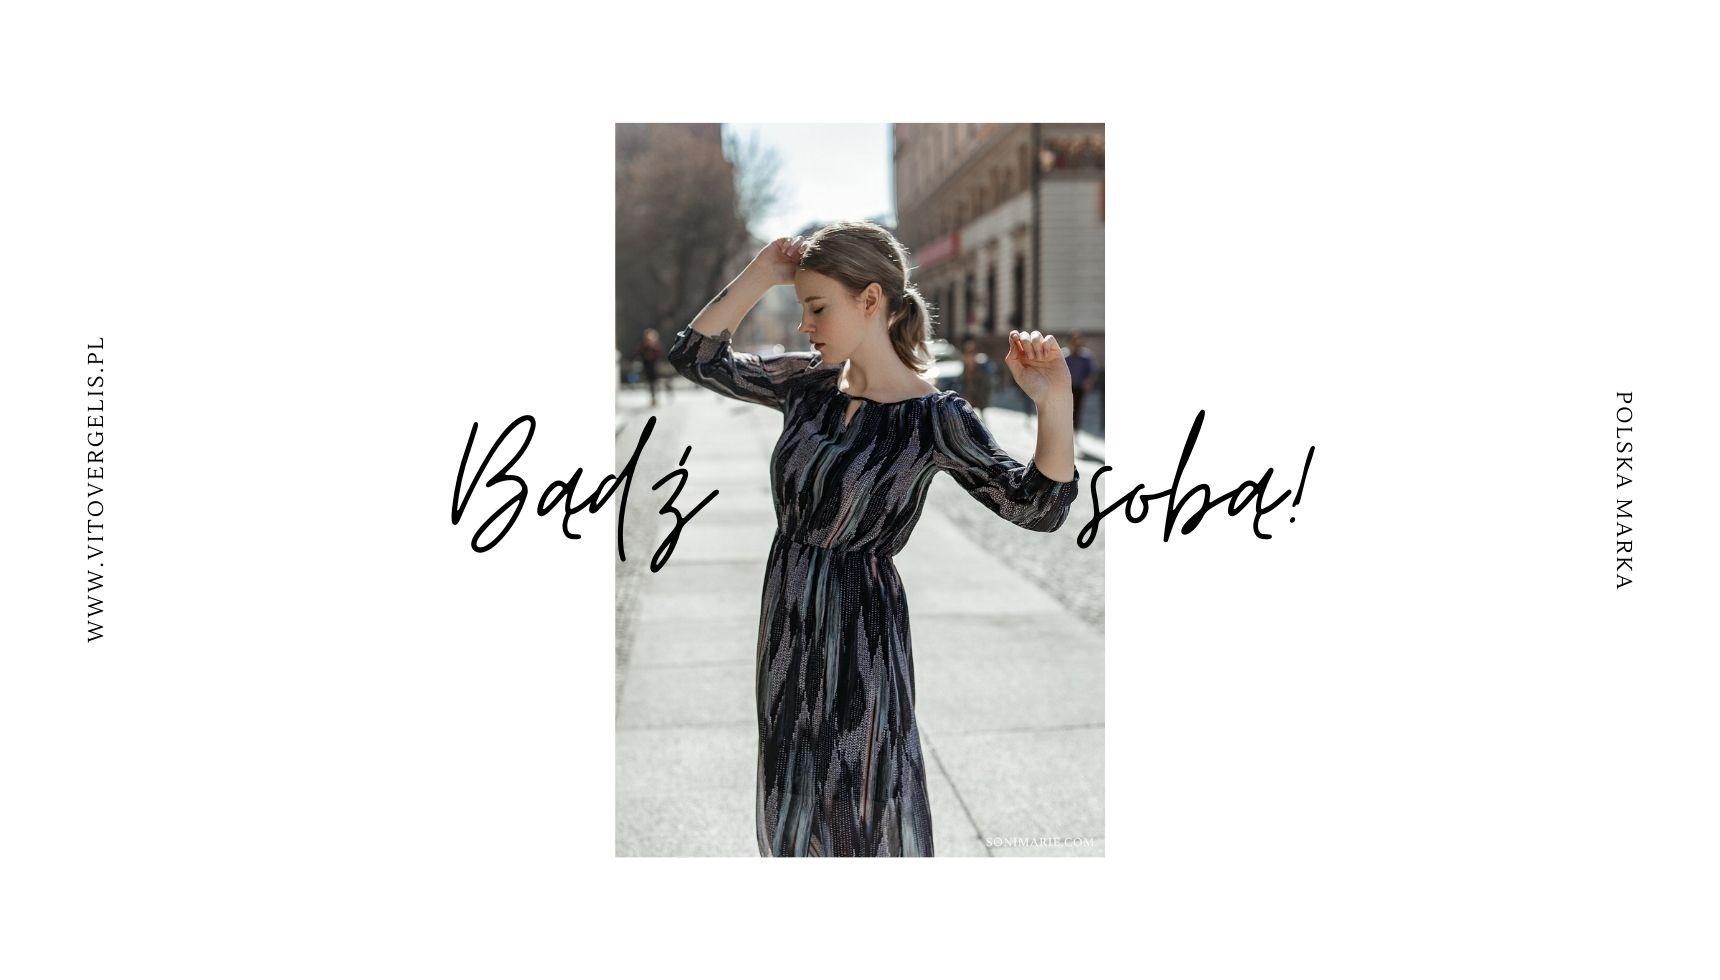 moda damska dla pewnych siebie kobiet - polska marka odzieży Vito Vergelis